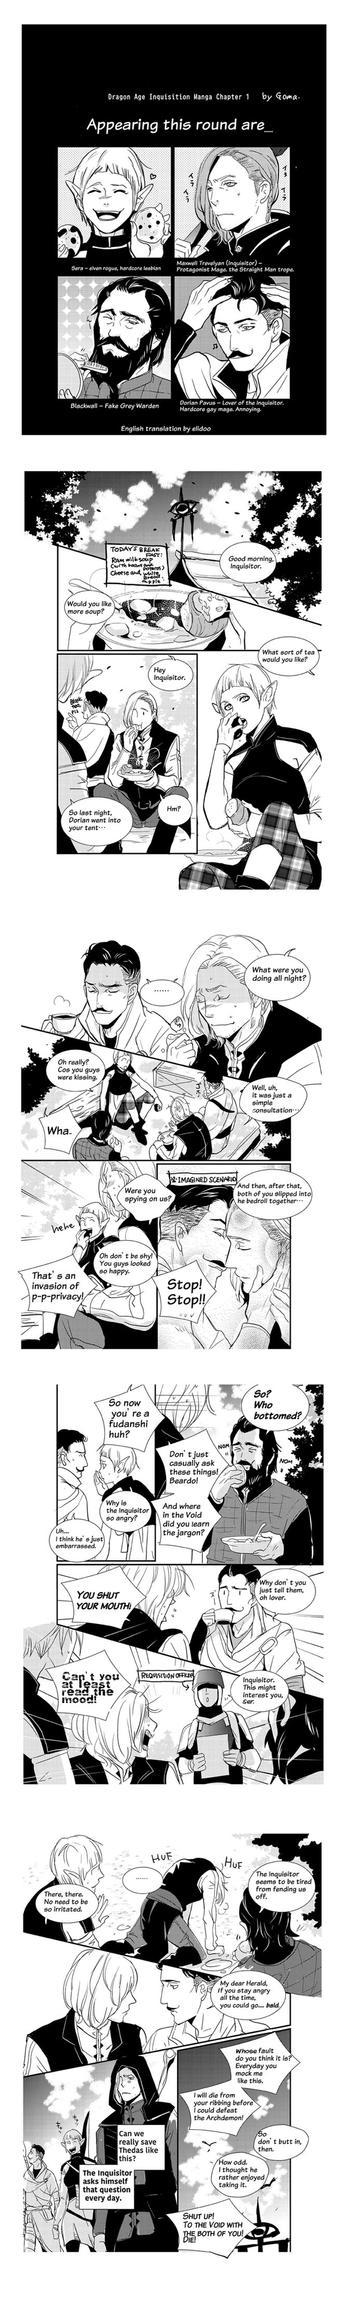 DA inquisition comic! by go-ma